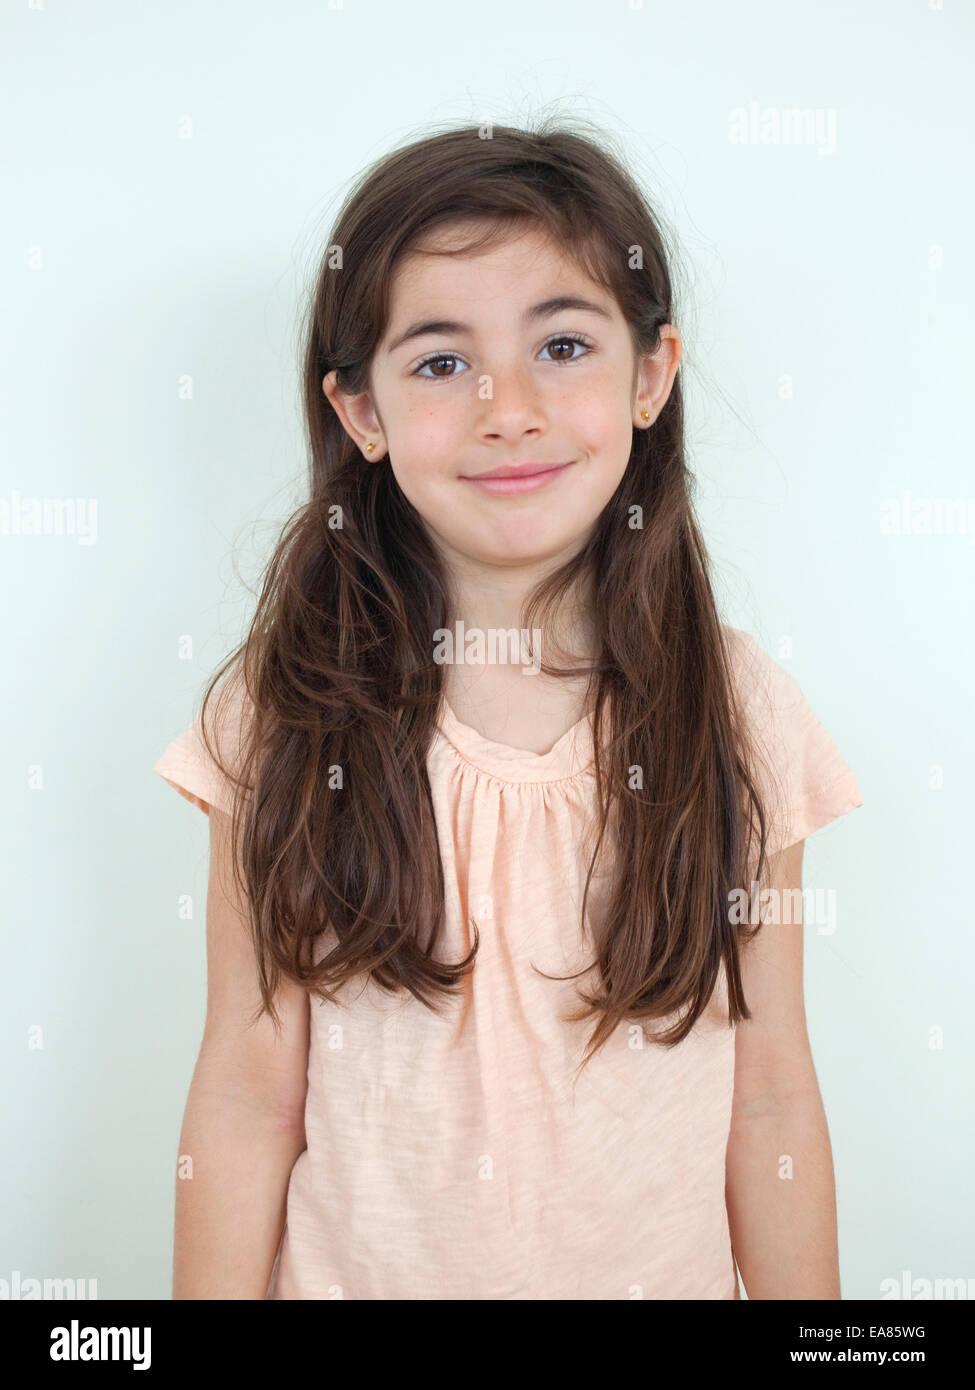 Retrato de una niña de 7 años Imagen De Stock